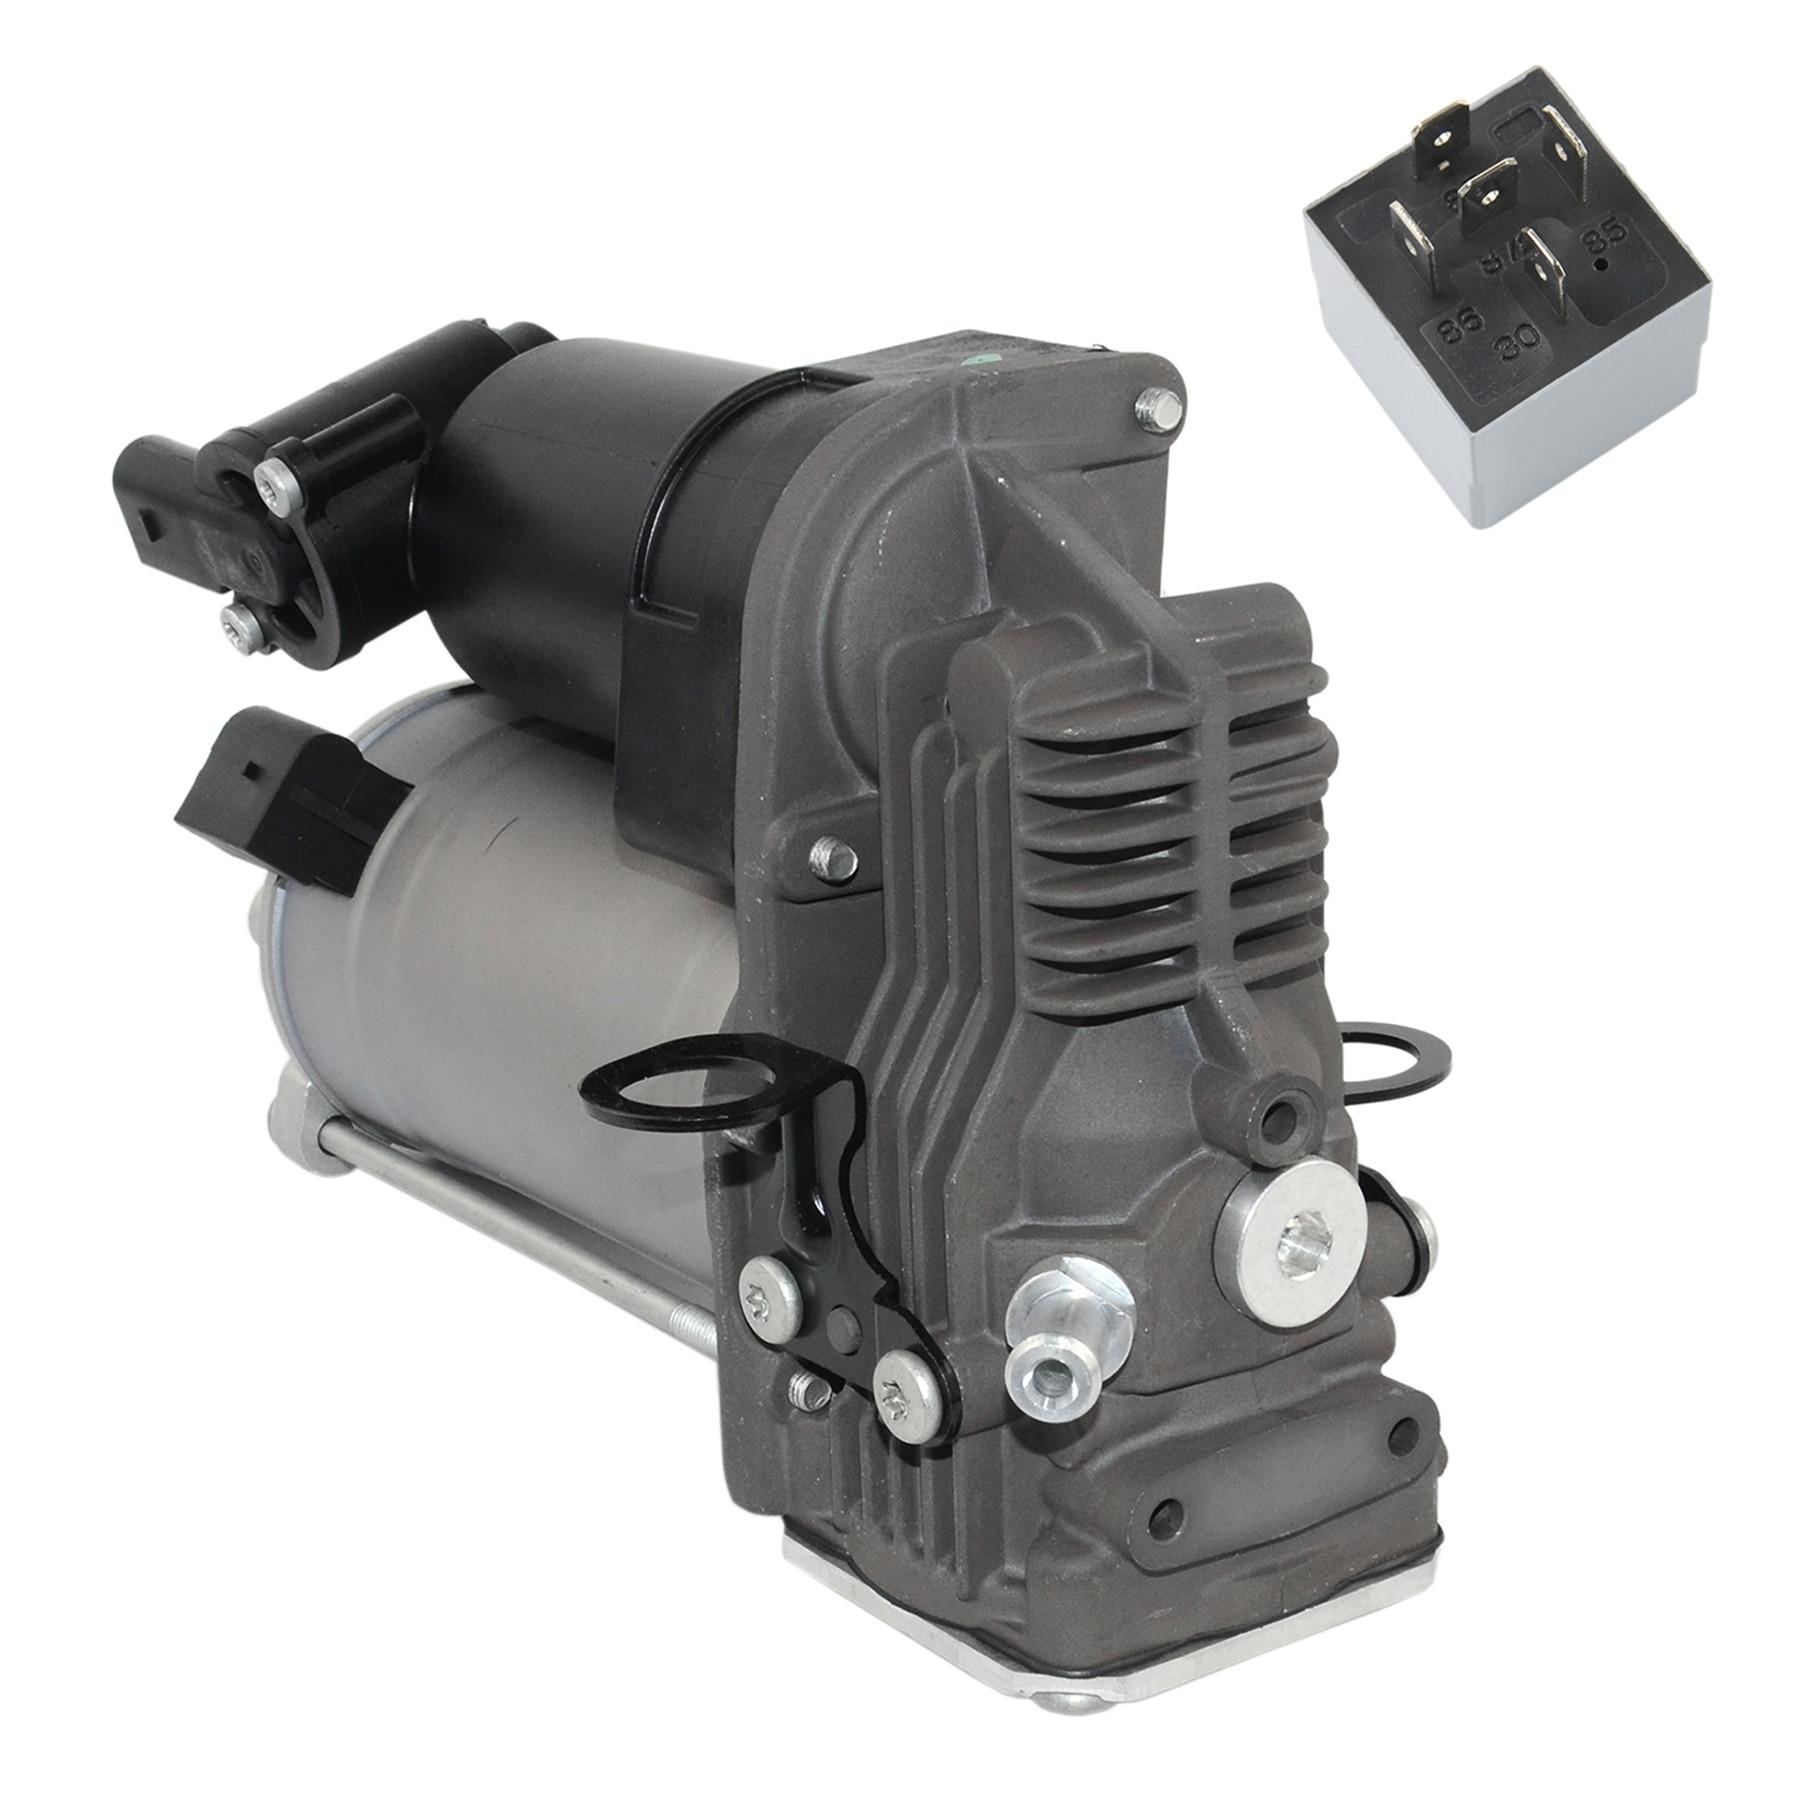 Ap02 suspensão a ar do compressor airmatic para mercedes-benz ml gl w164 x164 novo